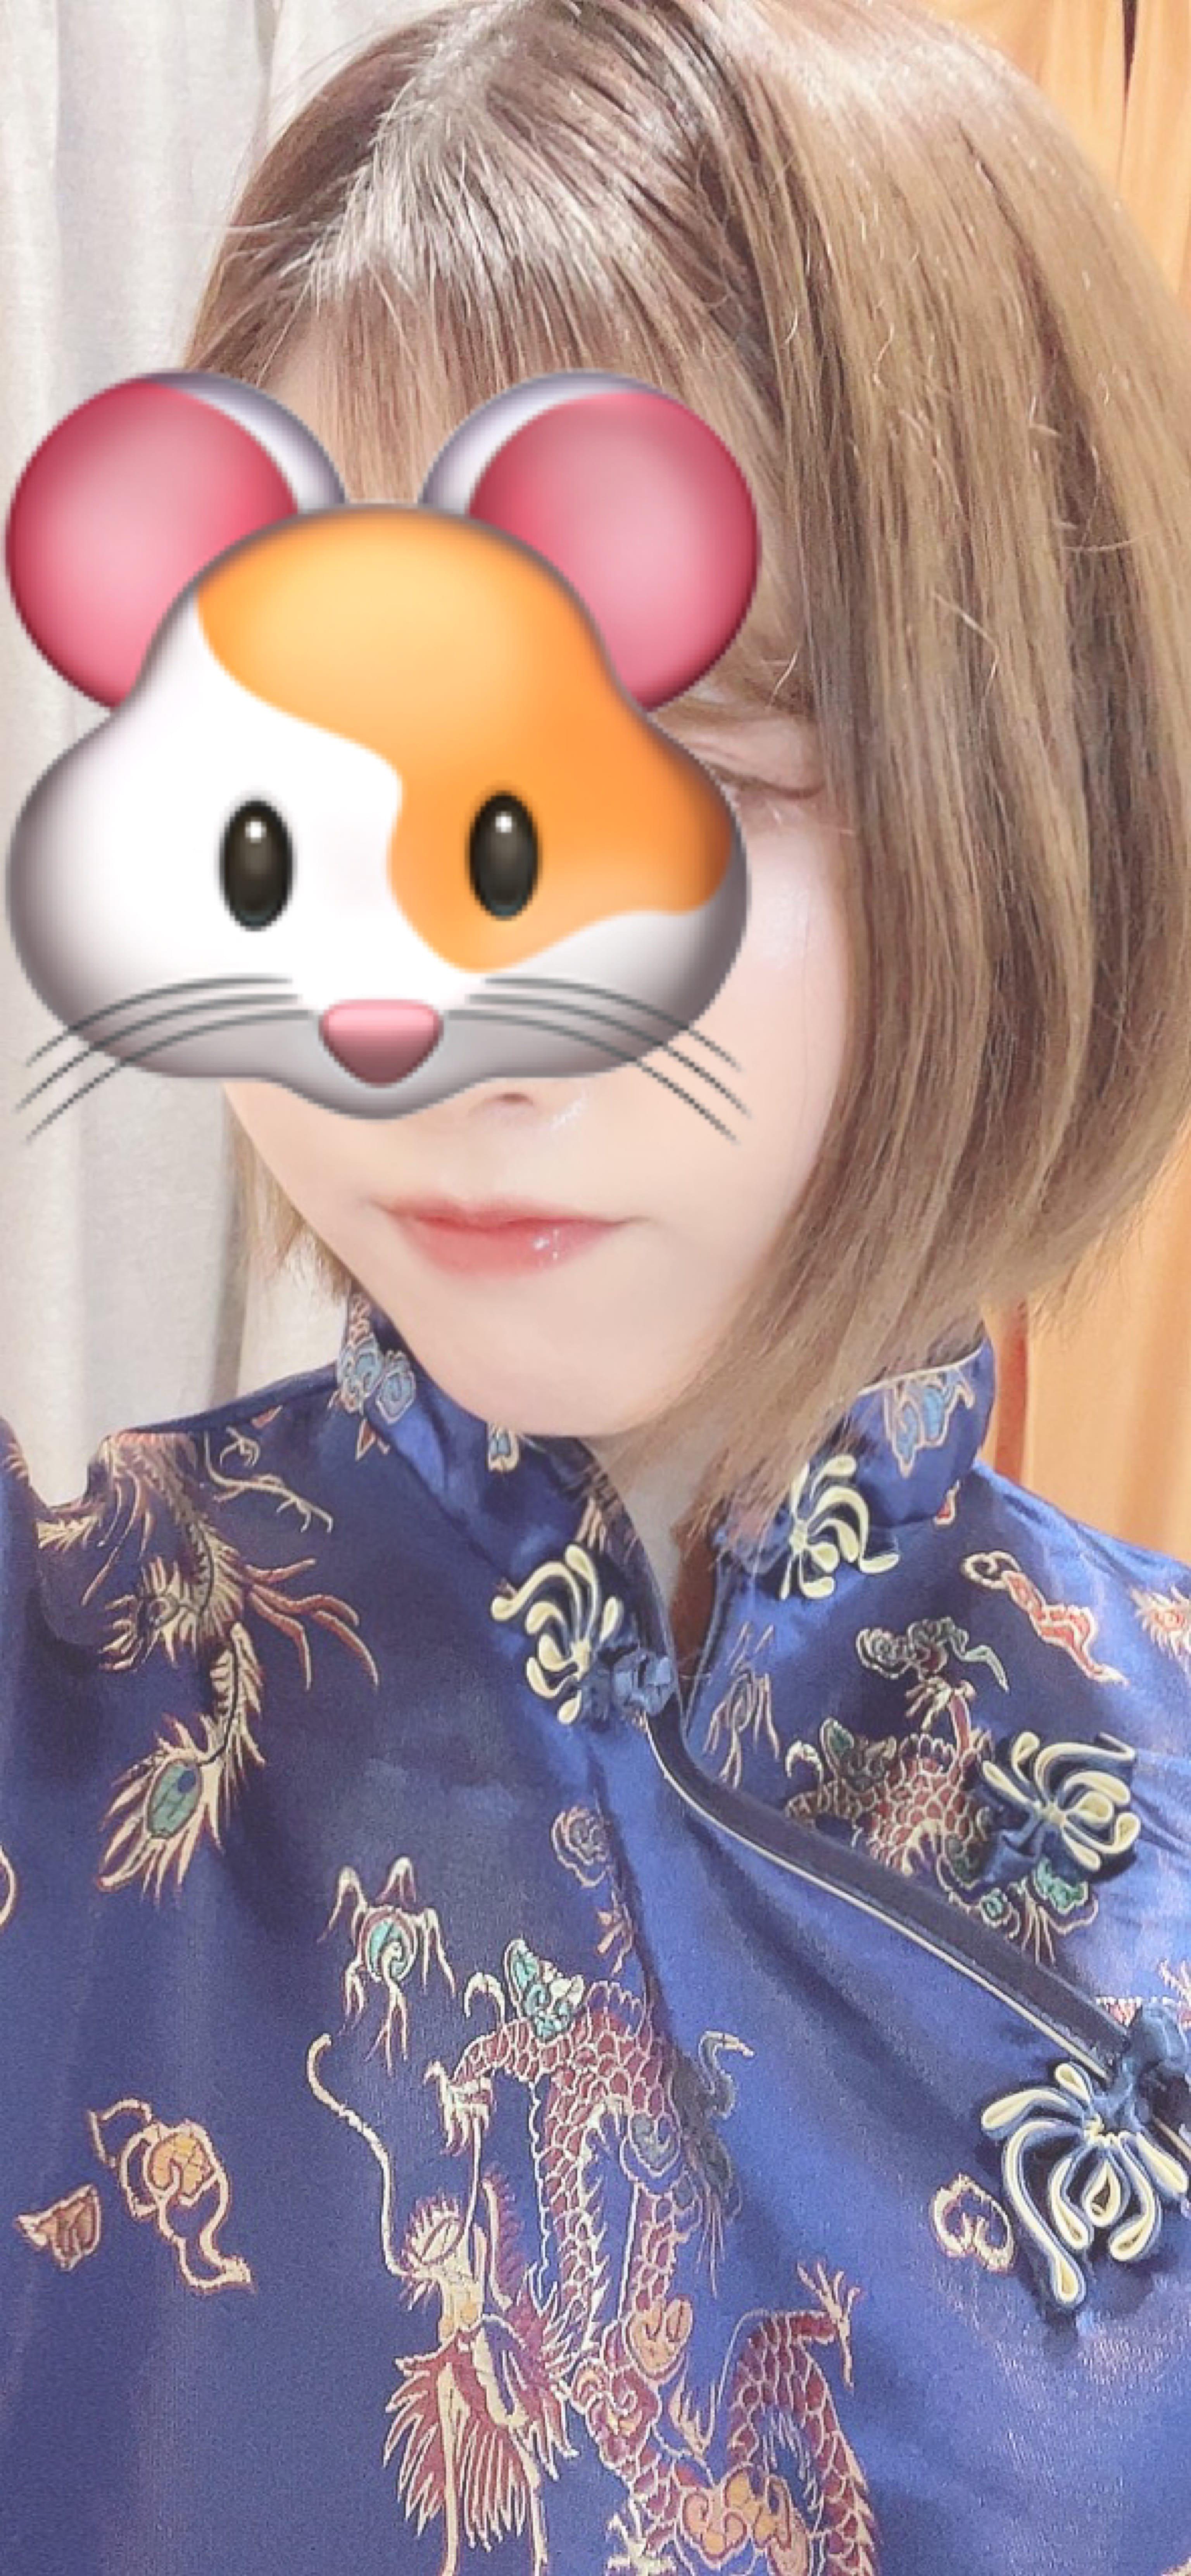 「出勤しました♪」04/20(火) 20:12 | 永岡めいの写メ・風俗動画